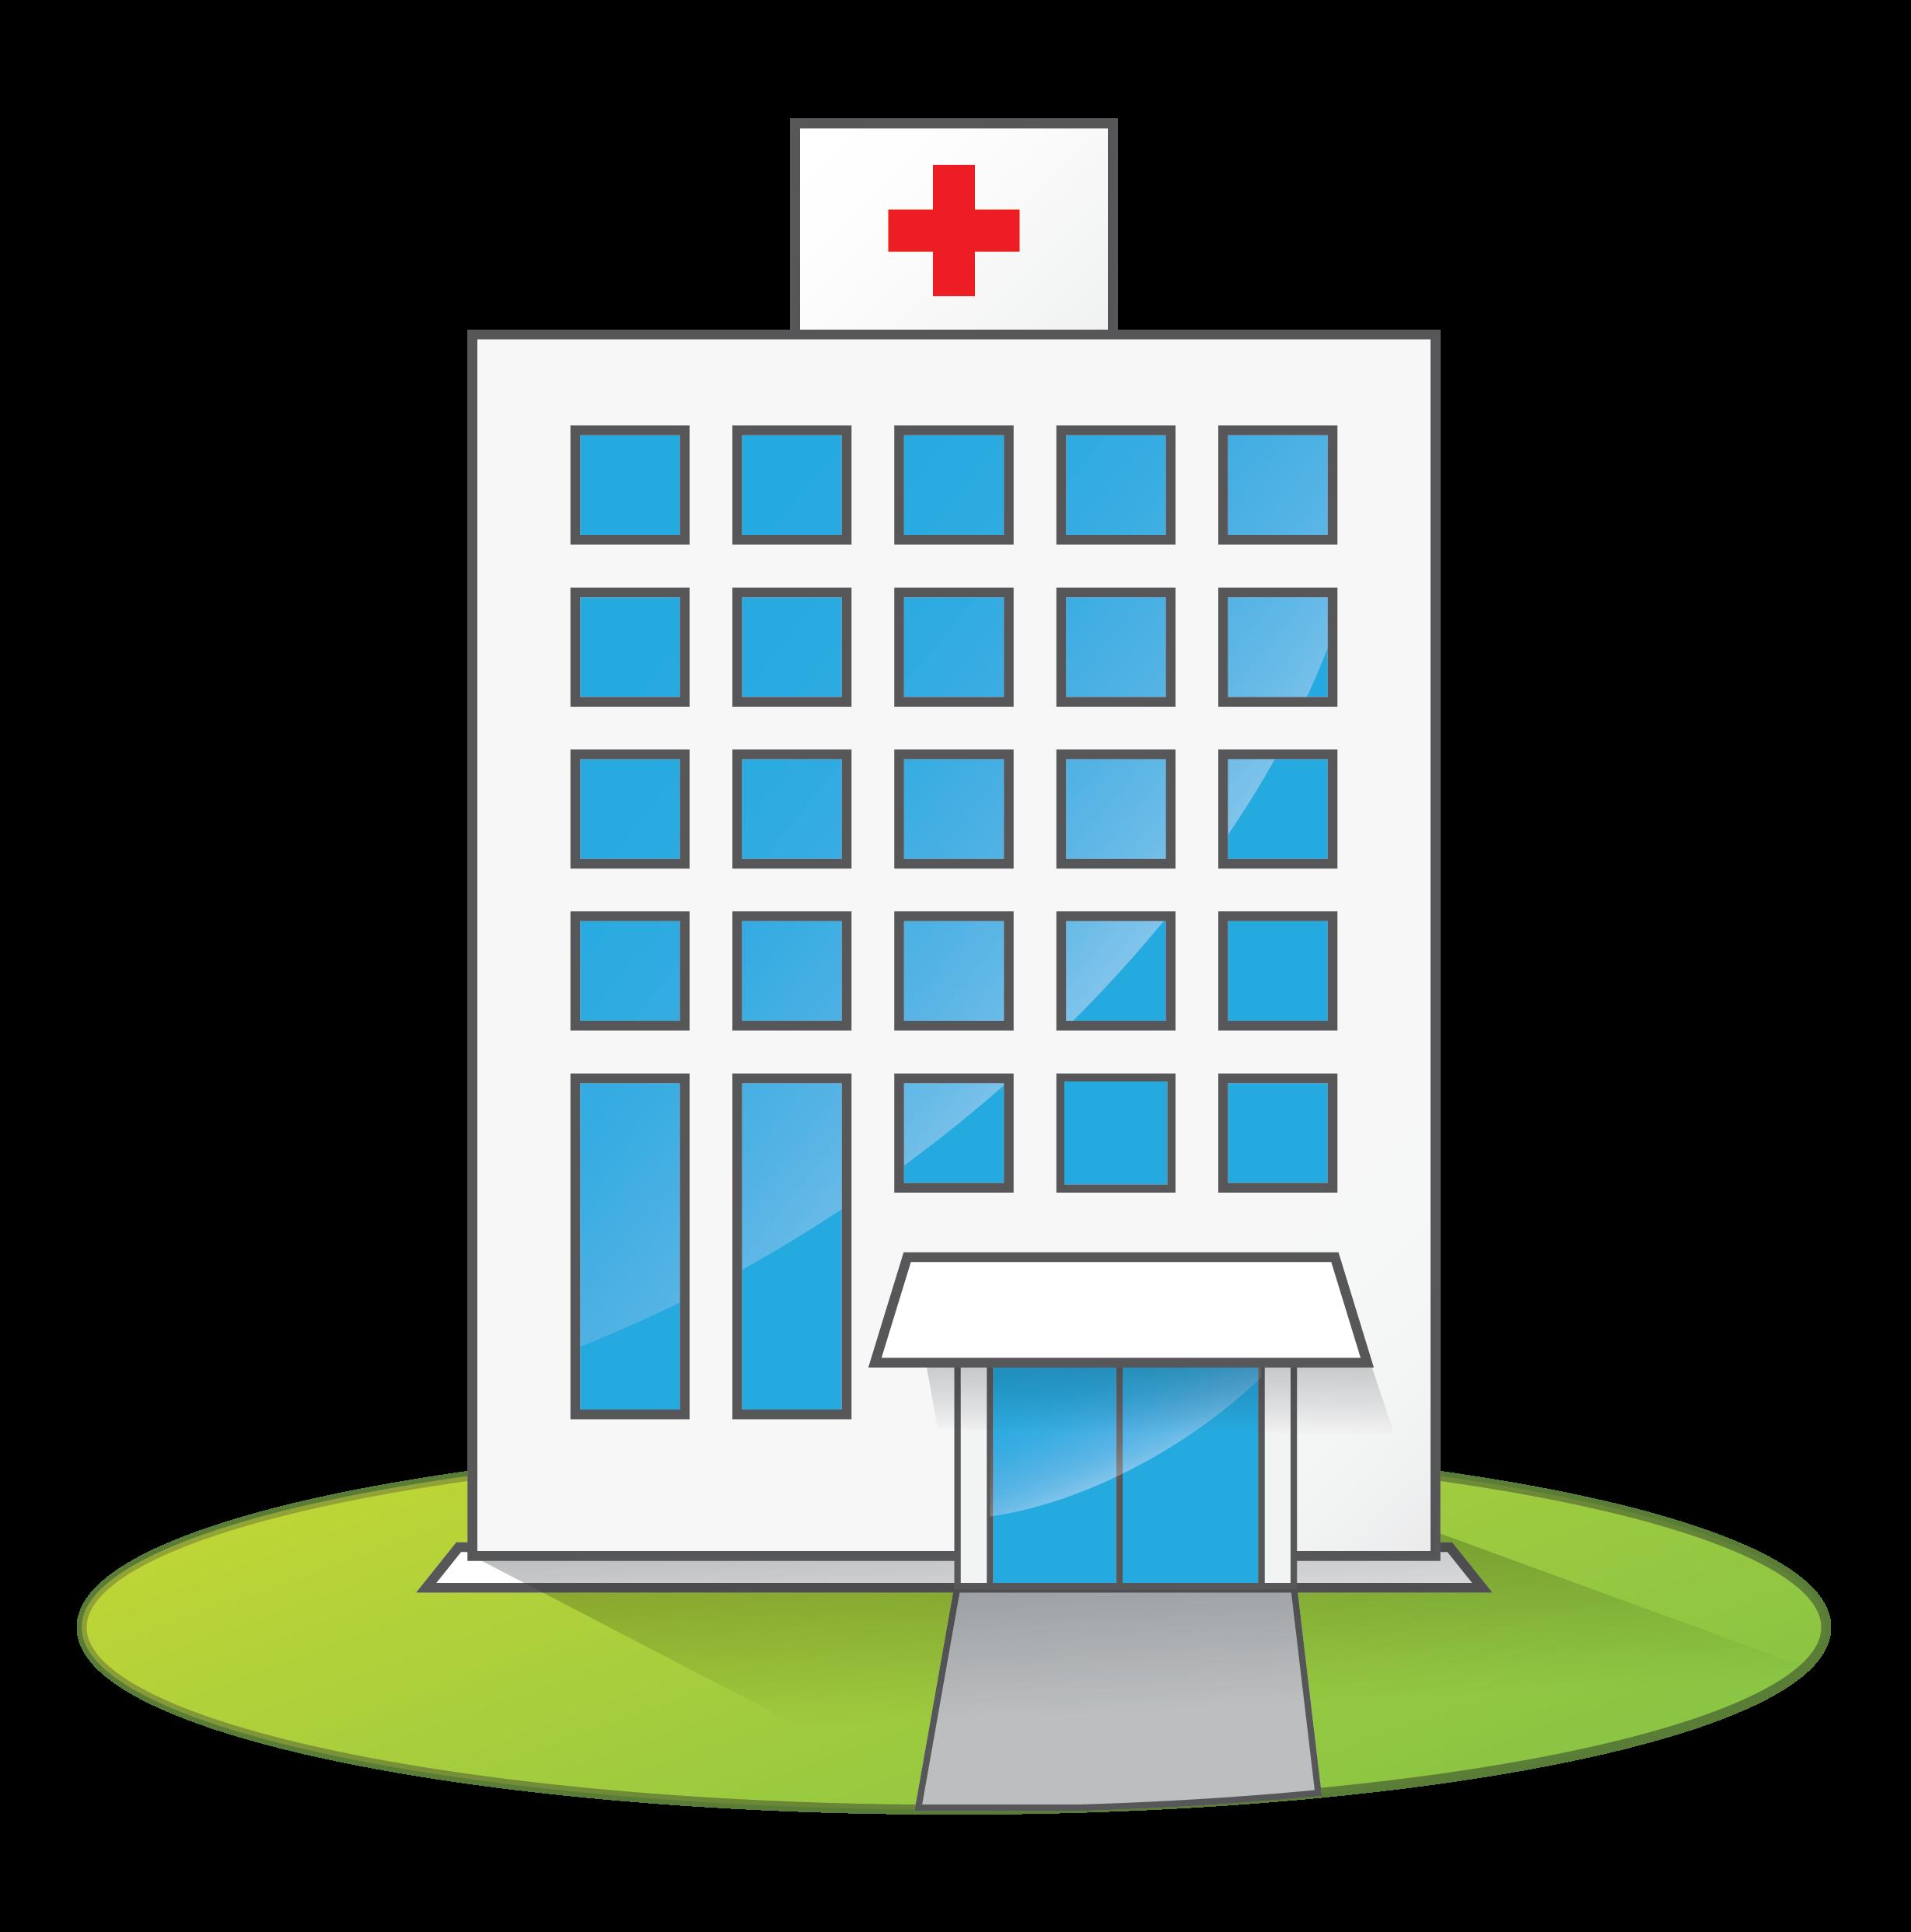 Hospital clipart 2